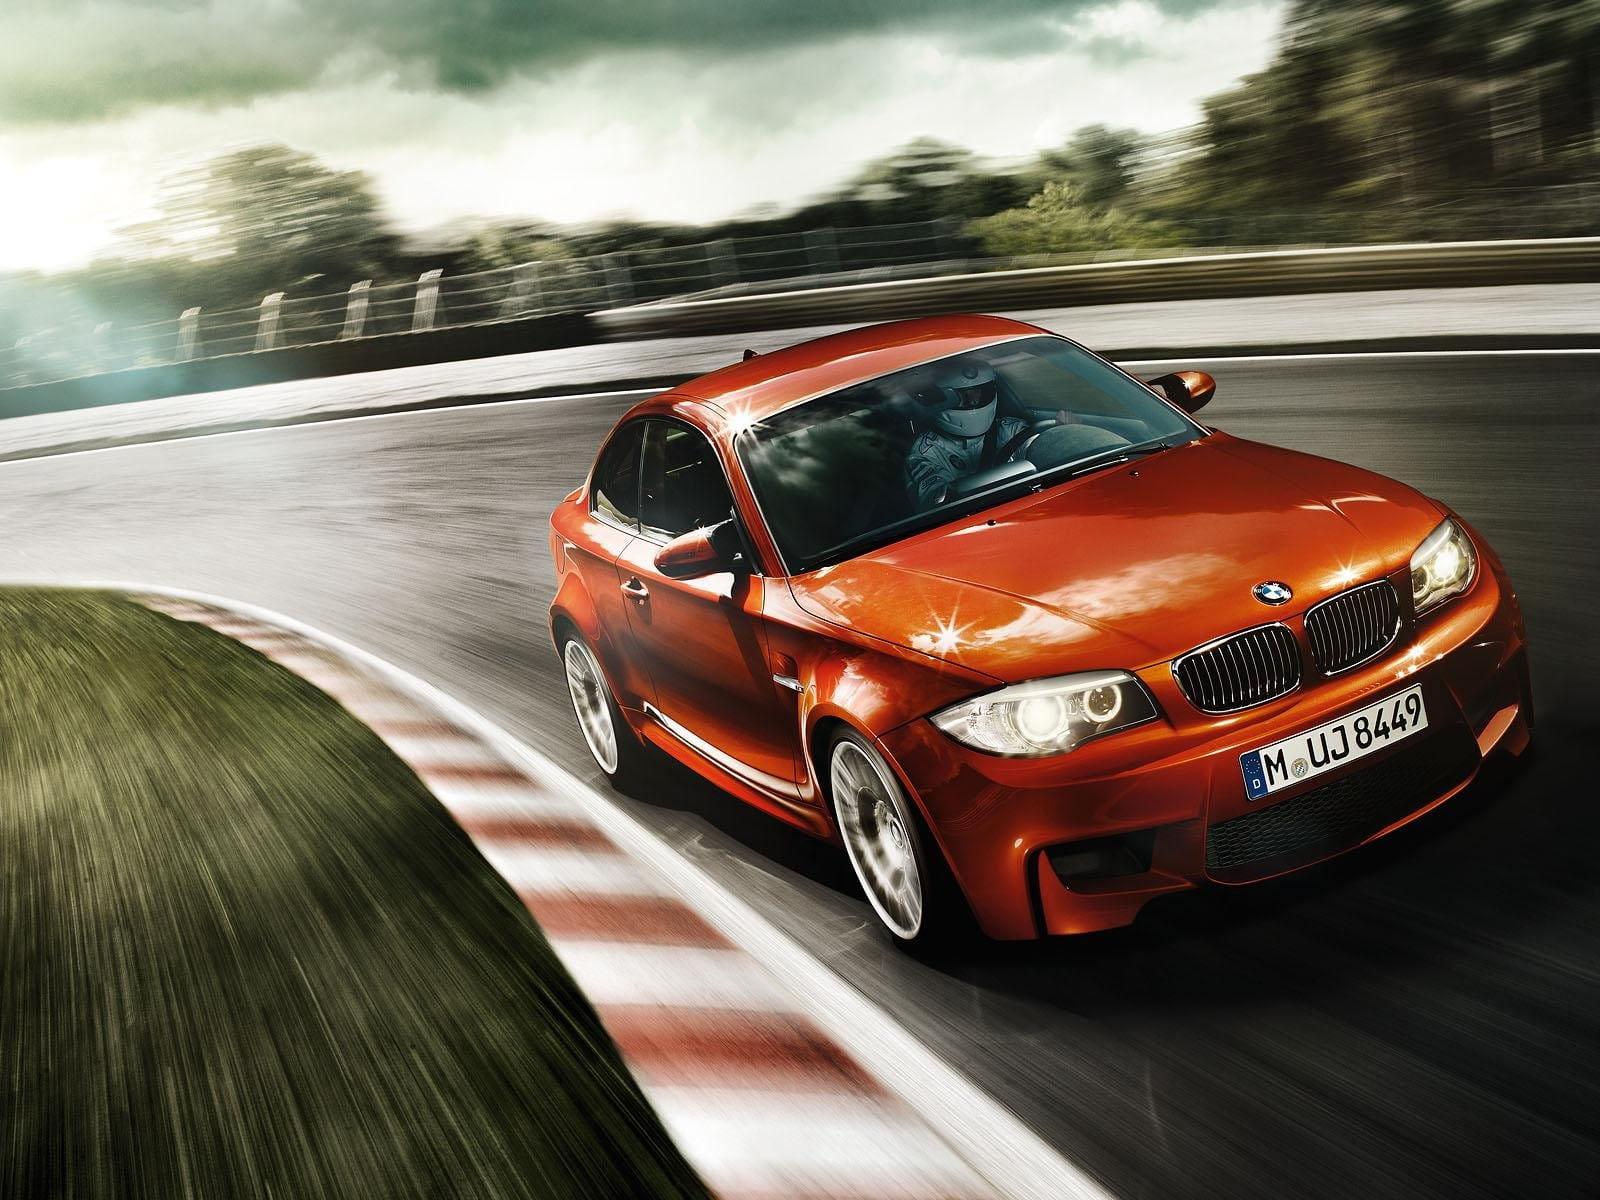 BMW_Serie_1_M_Coupé_dm_06